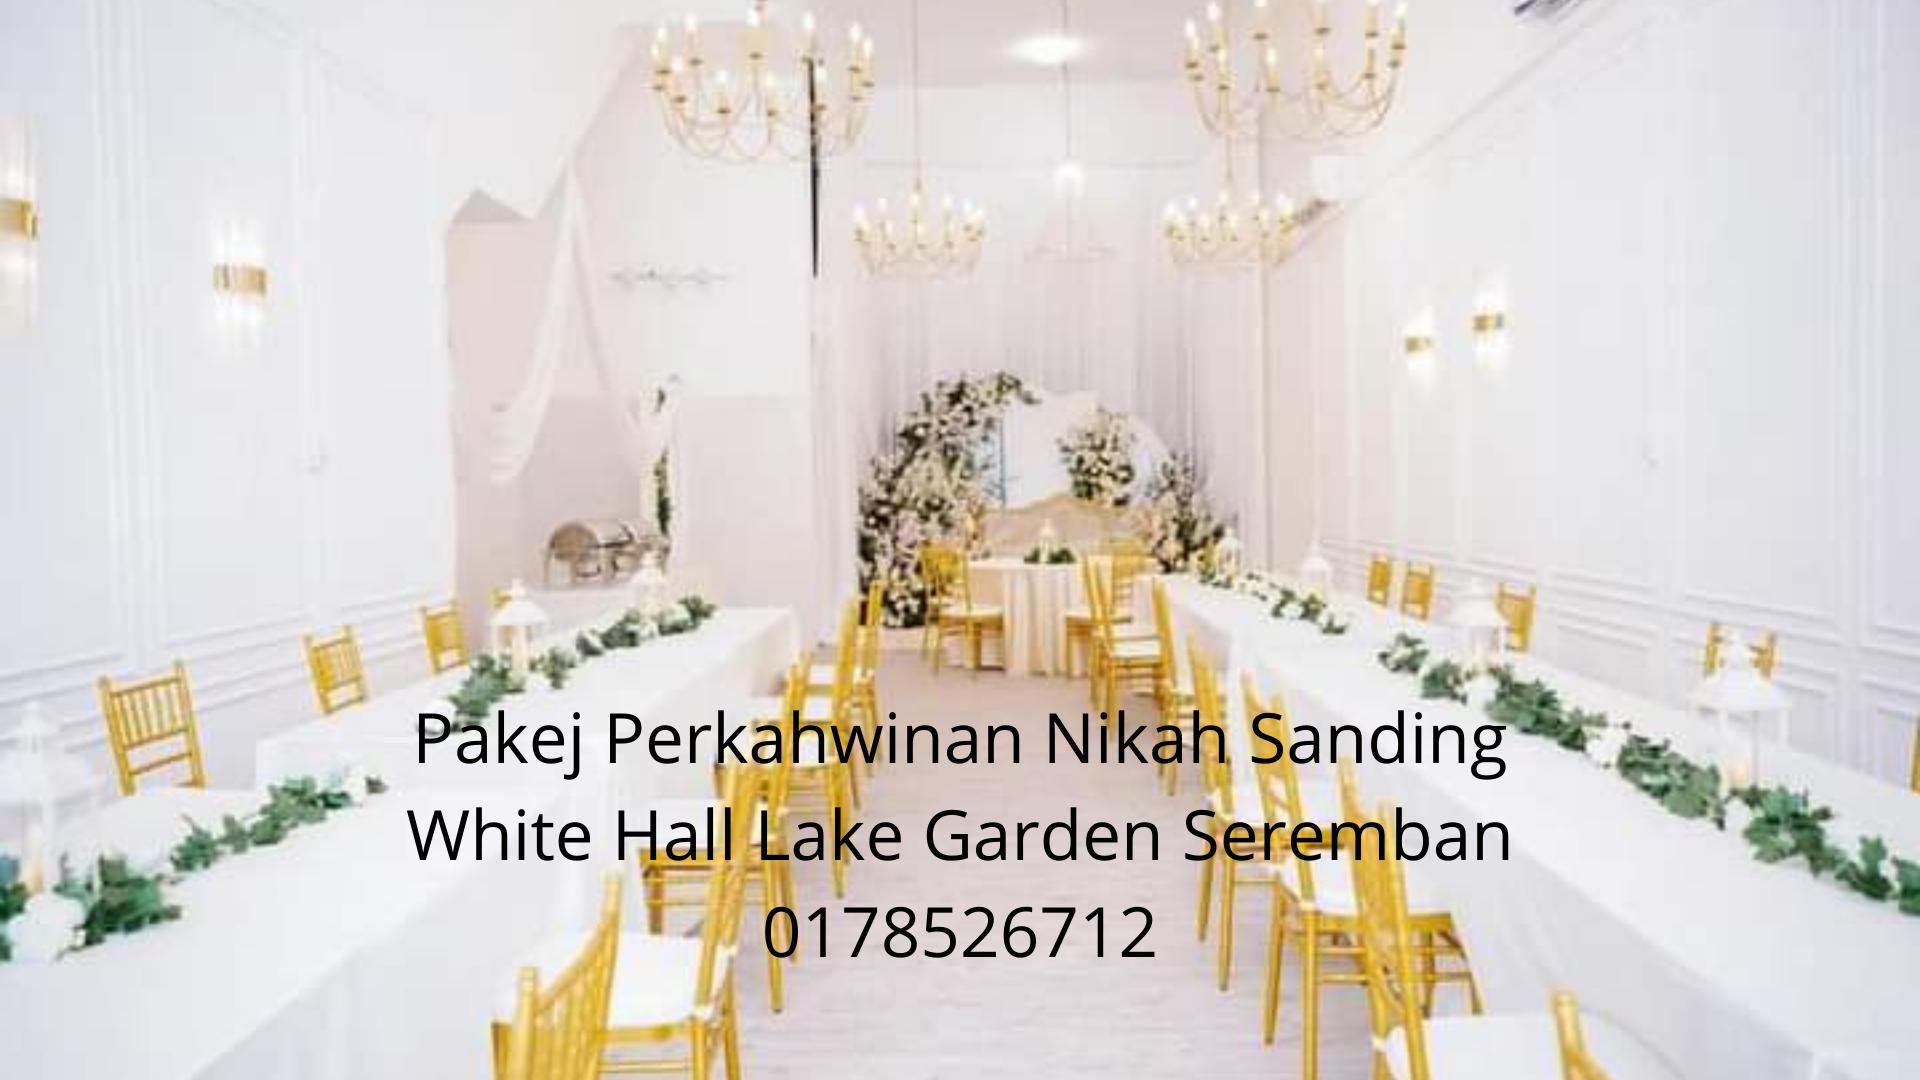 Pakej-Perkahwinan-Nikah-Sanding-White-Hall-Lake-Garden-Seremban-0178526712